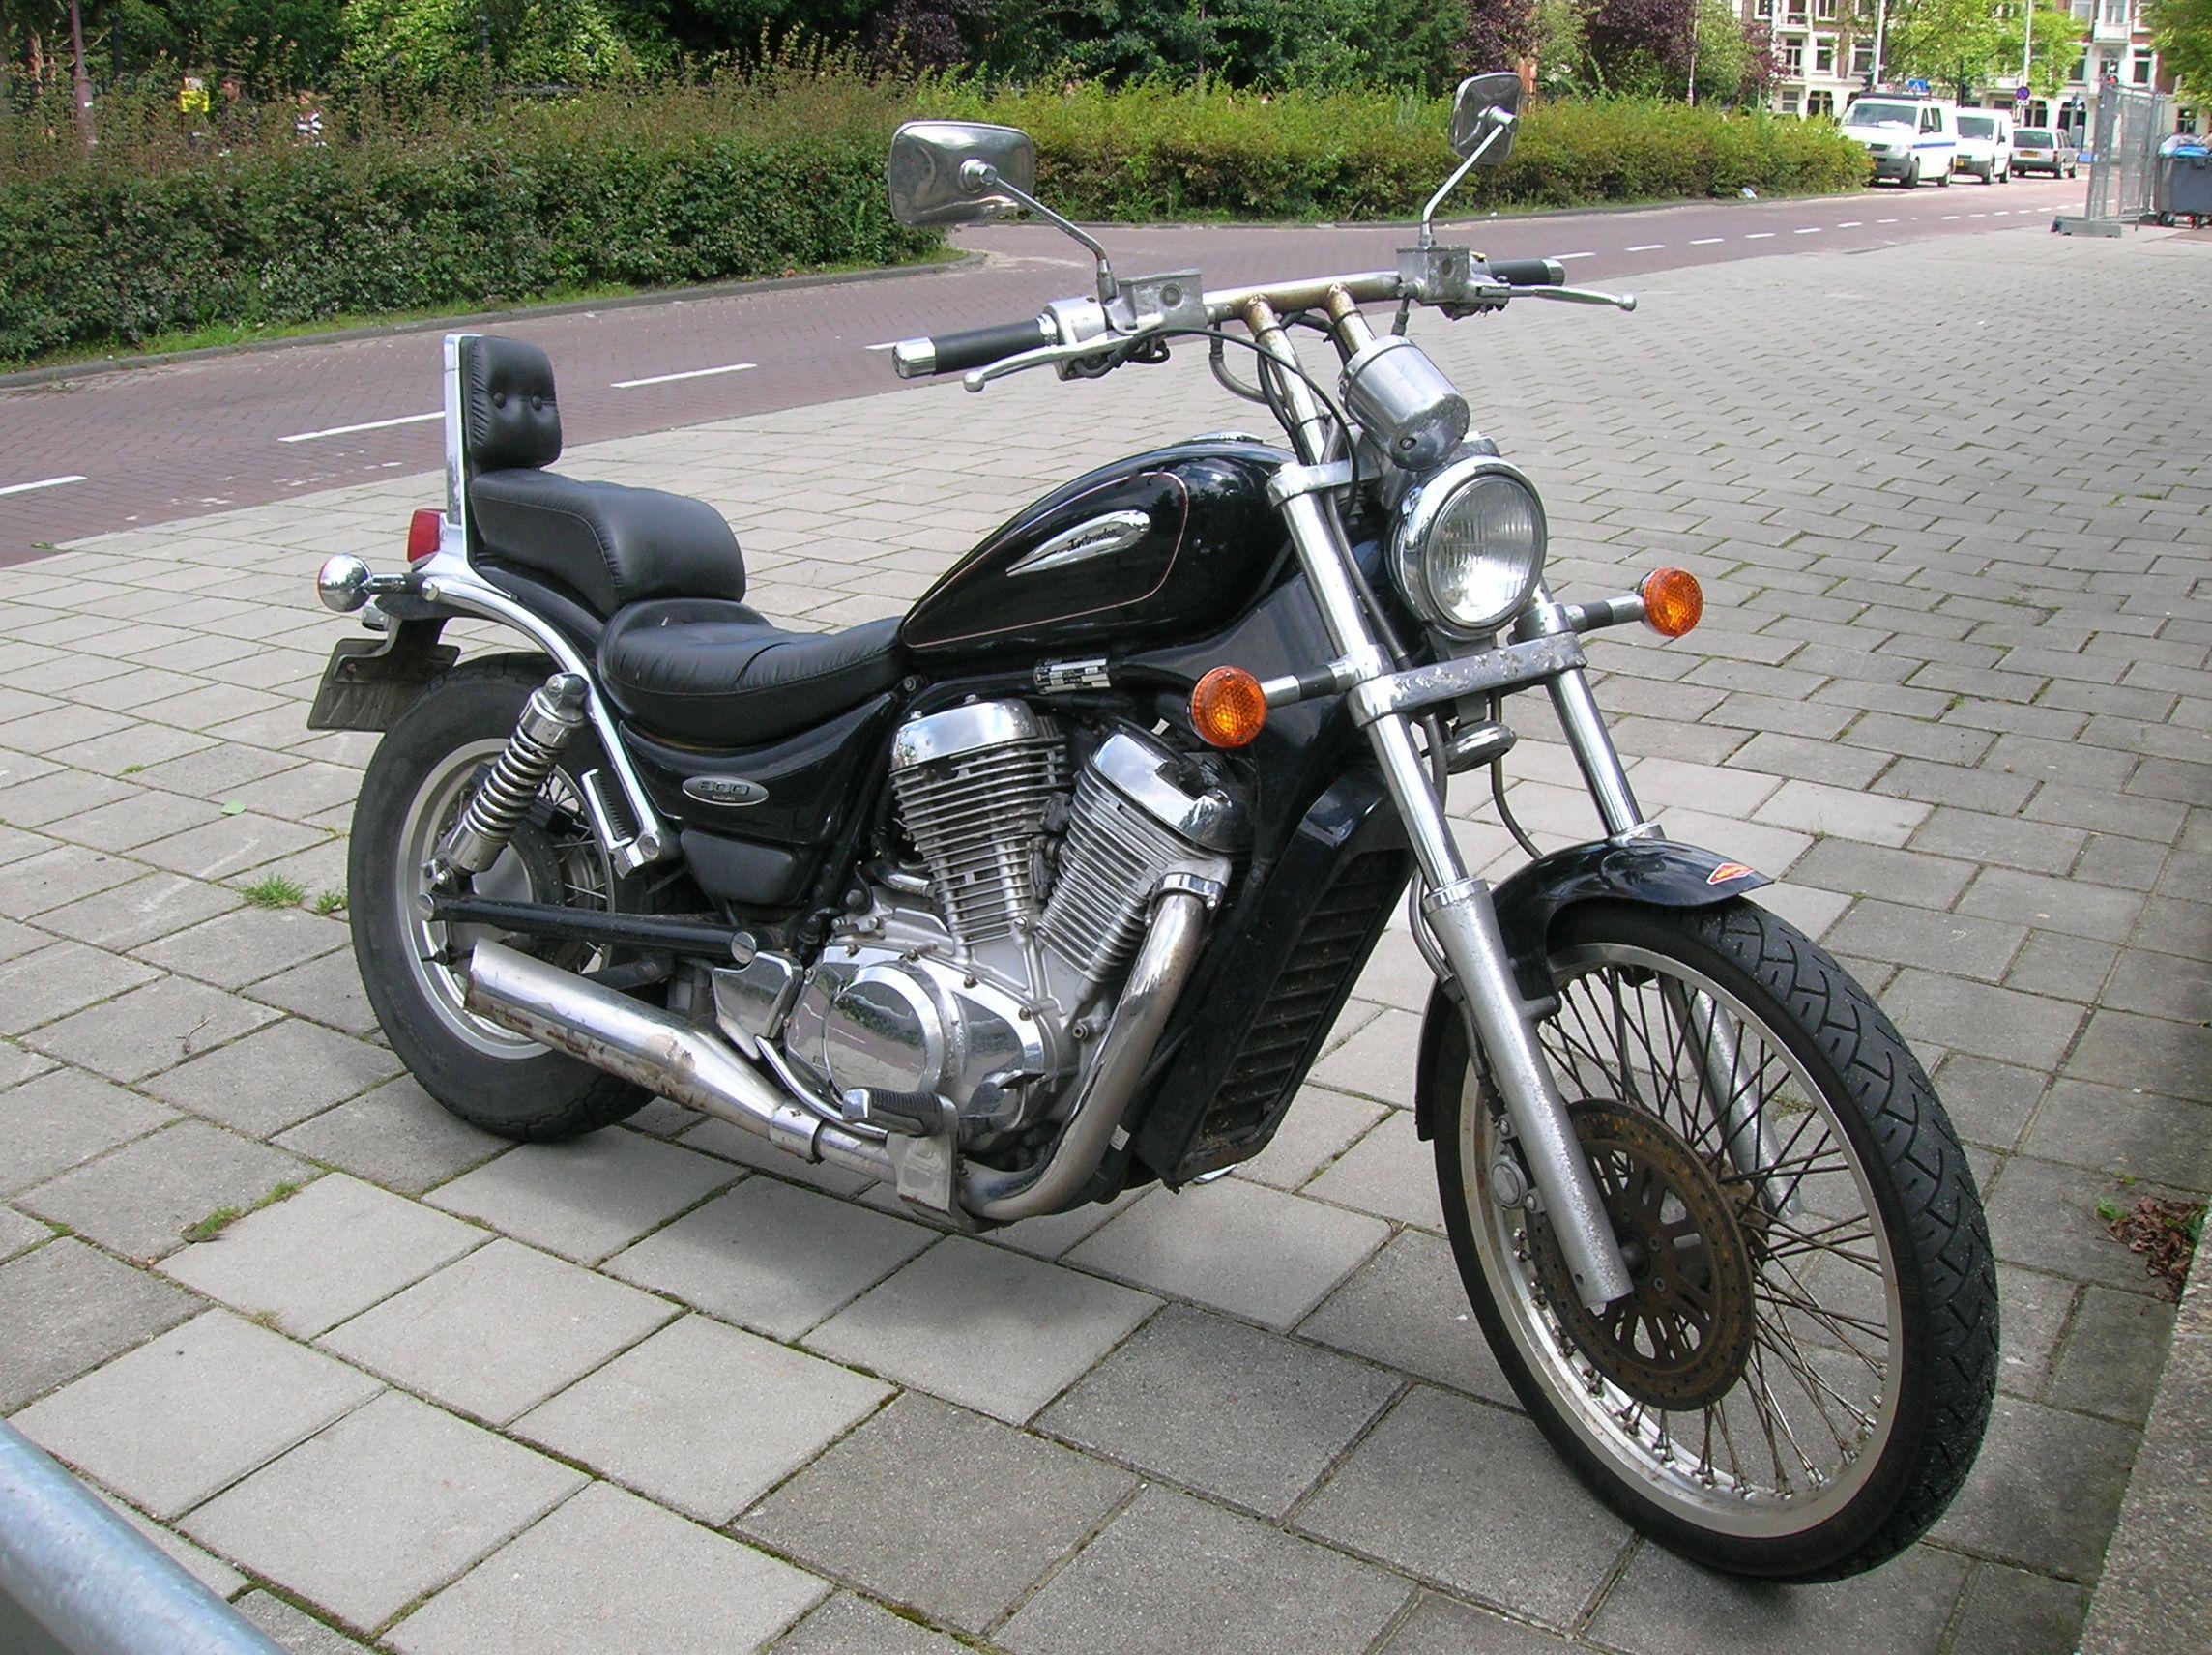 suzuki intruder 800 4 suzuki bikes motorcycle cruiser motorcycle. Black Bedroom Furniture Sets. Home Design Ideas